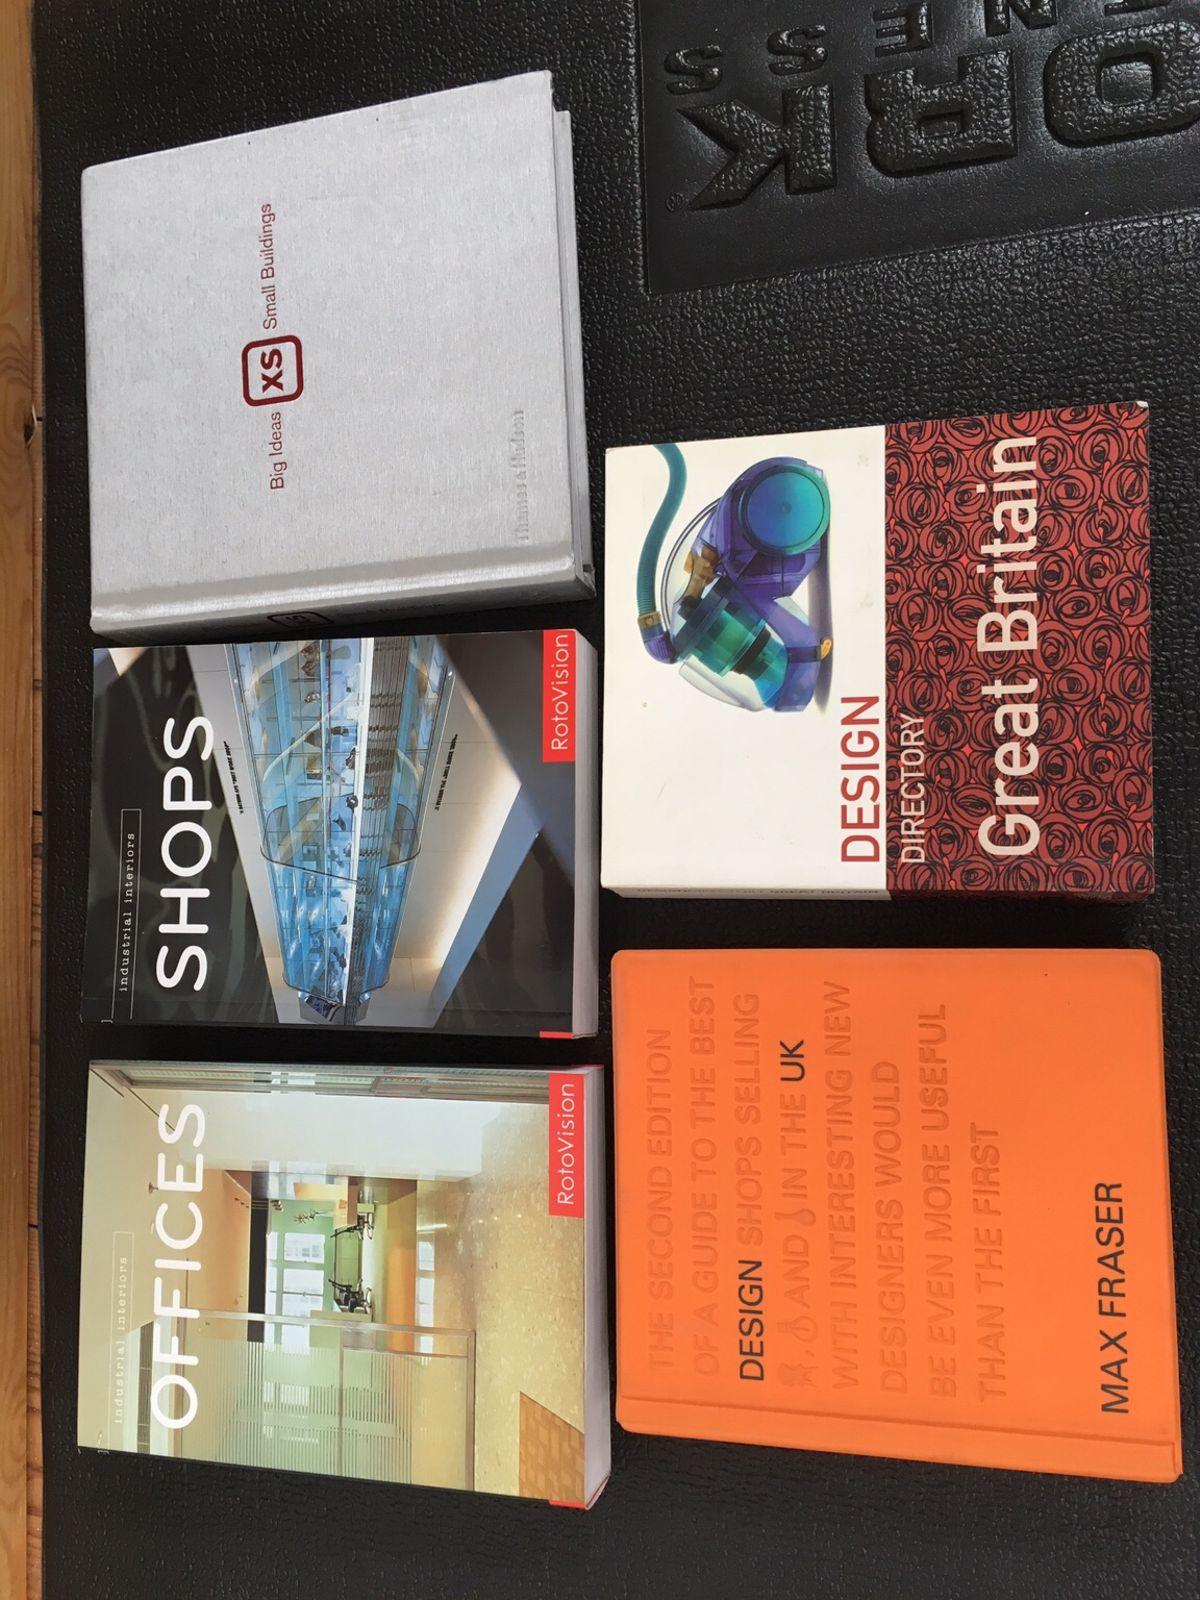 Sims 3 Design Garten Accessoires Frisch Interior Design Books In Cm2 Chelmsford Für 25 00 £ Zum